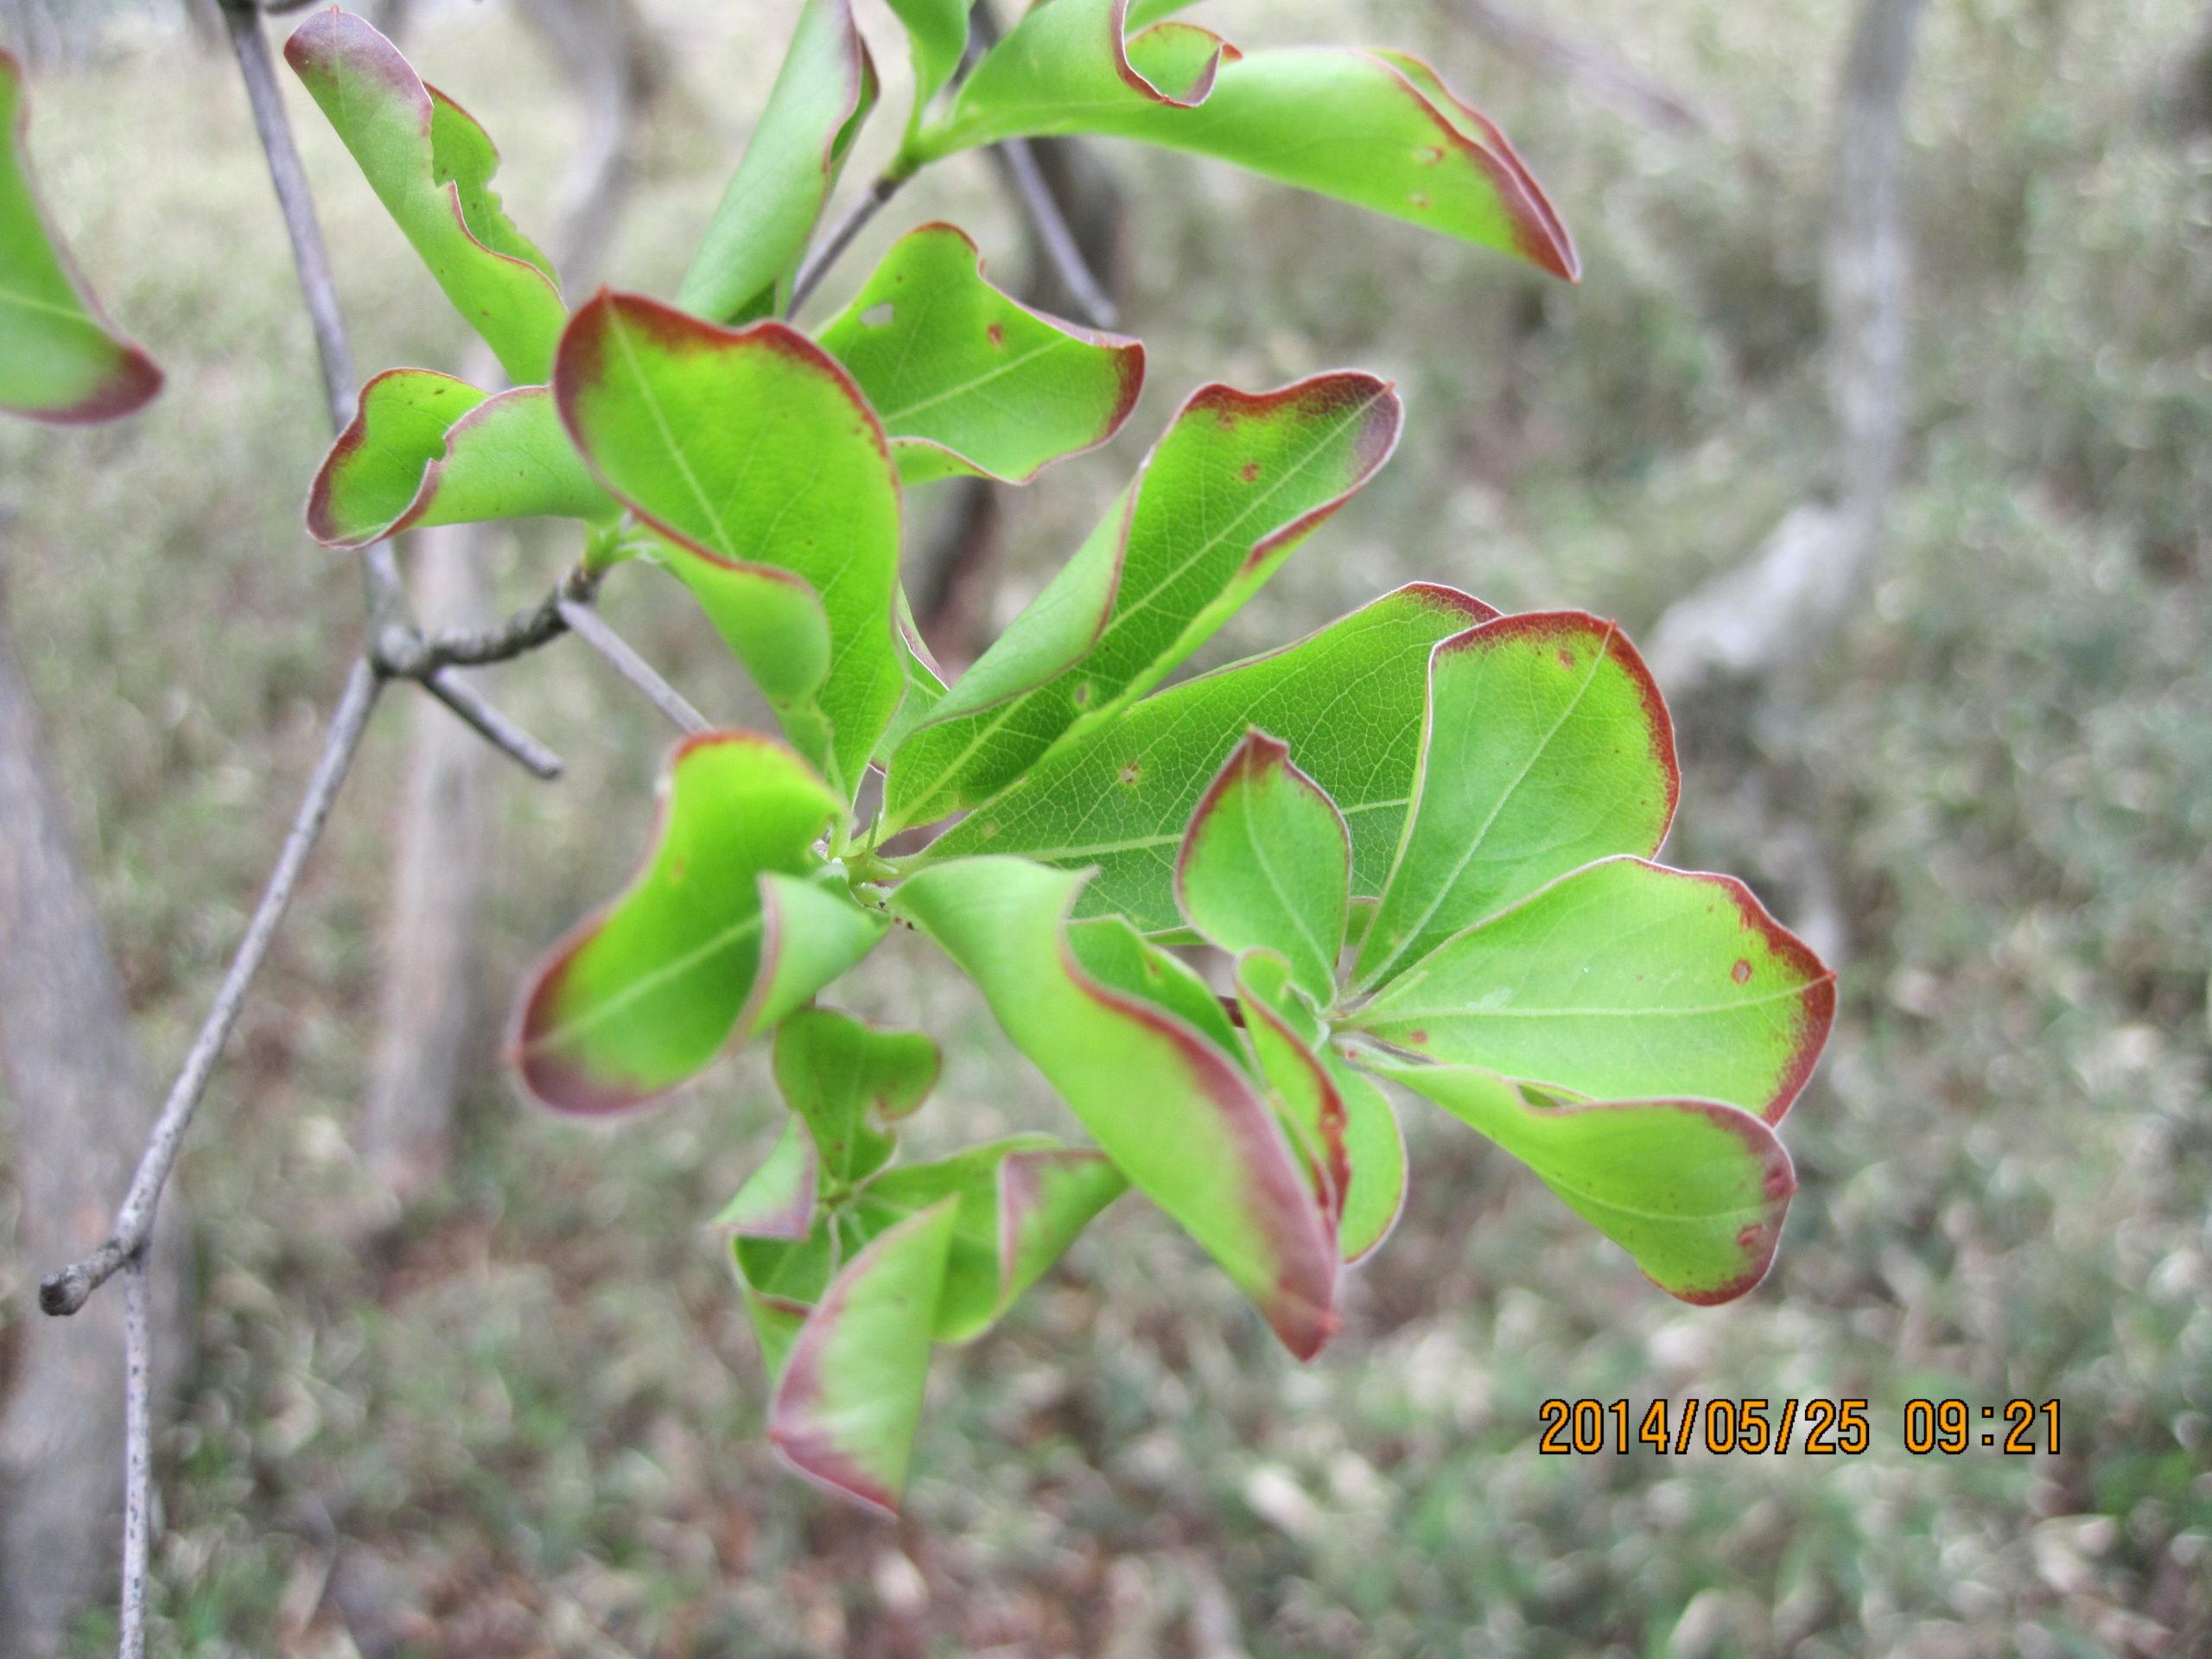 シロヤシオの葉っぱ